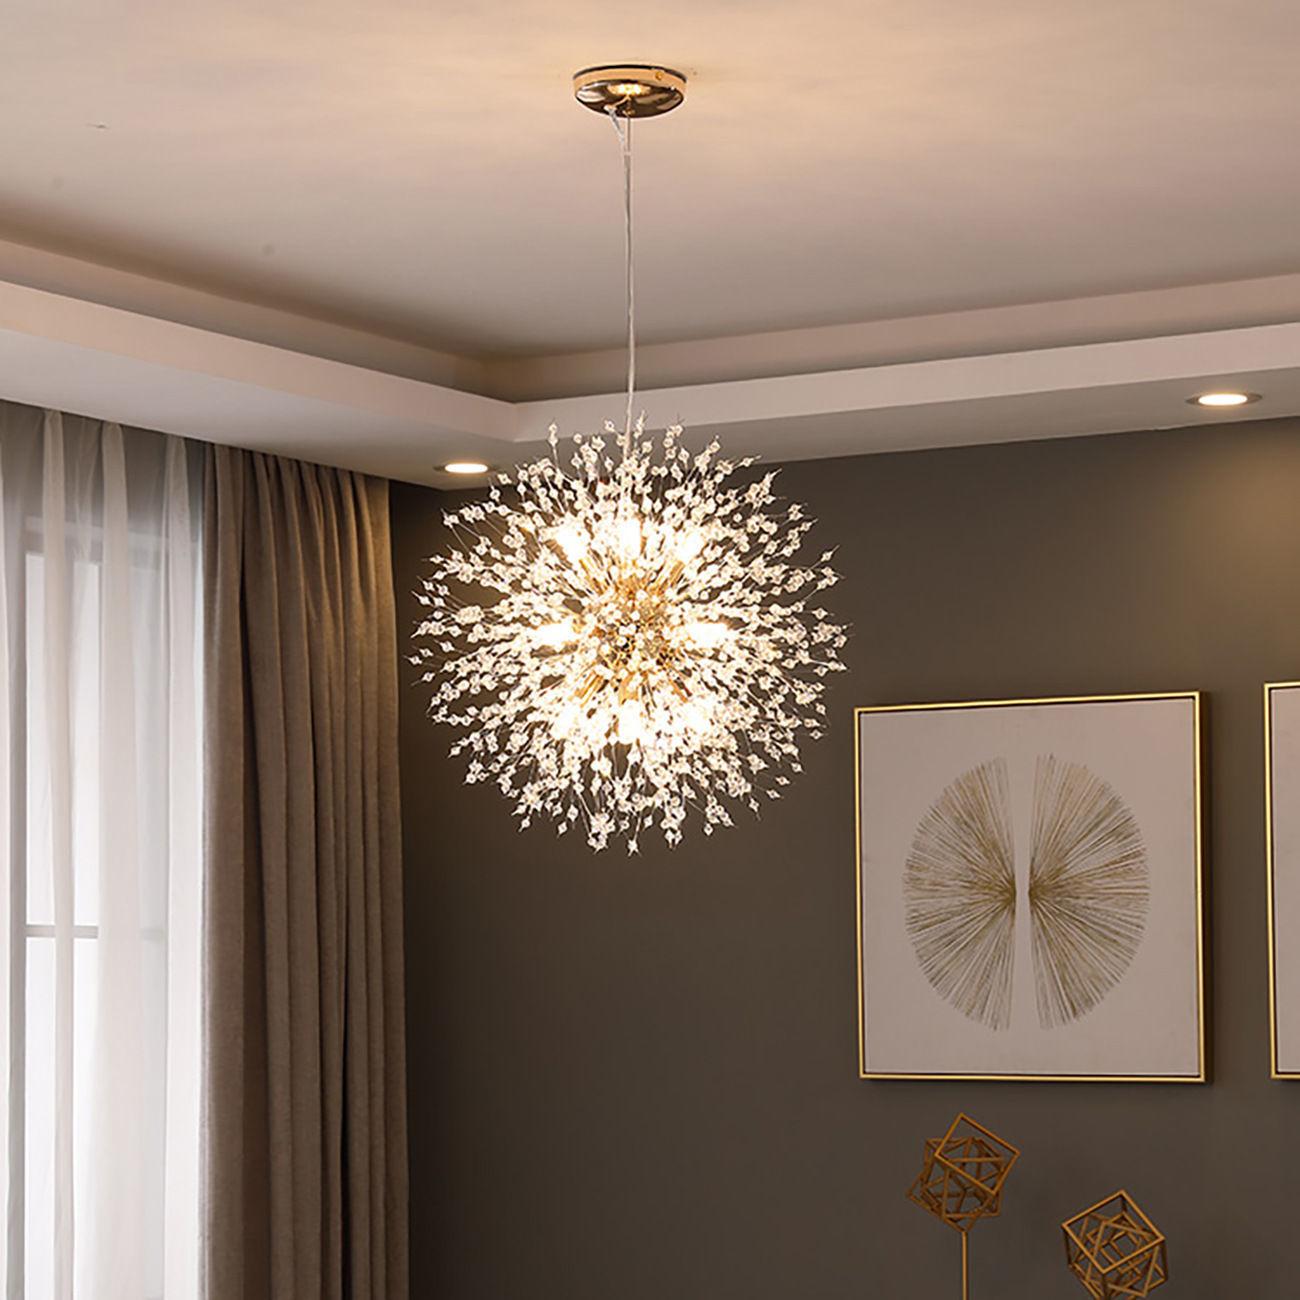 Лампа для спальни, простая современная хрустальная люстра, постмодерн, гостиная, скандинавский торговый центр, магазин одежды, лампы для ре...